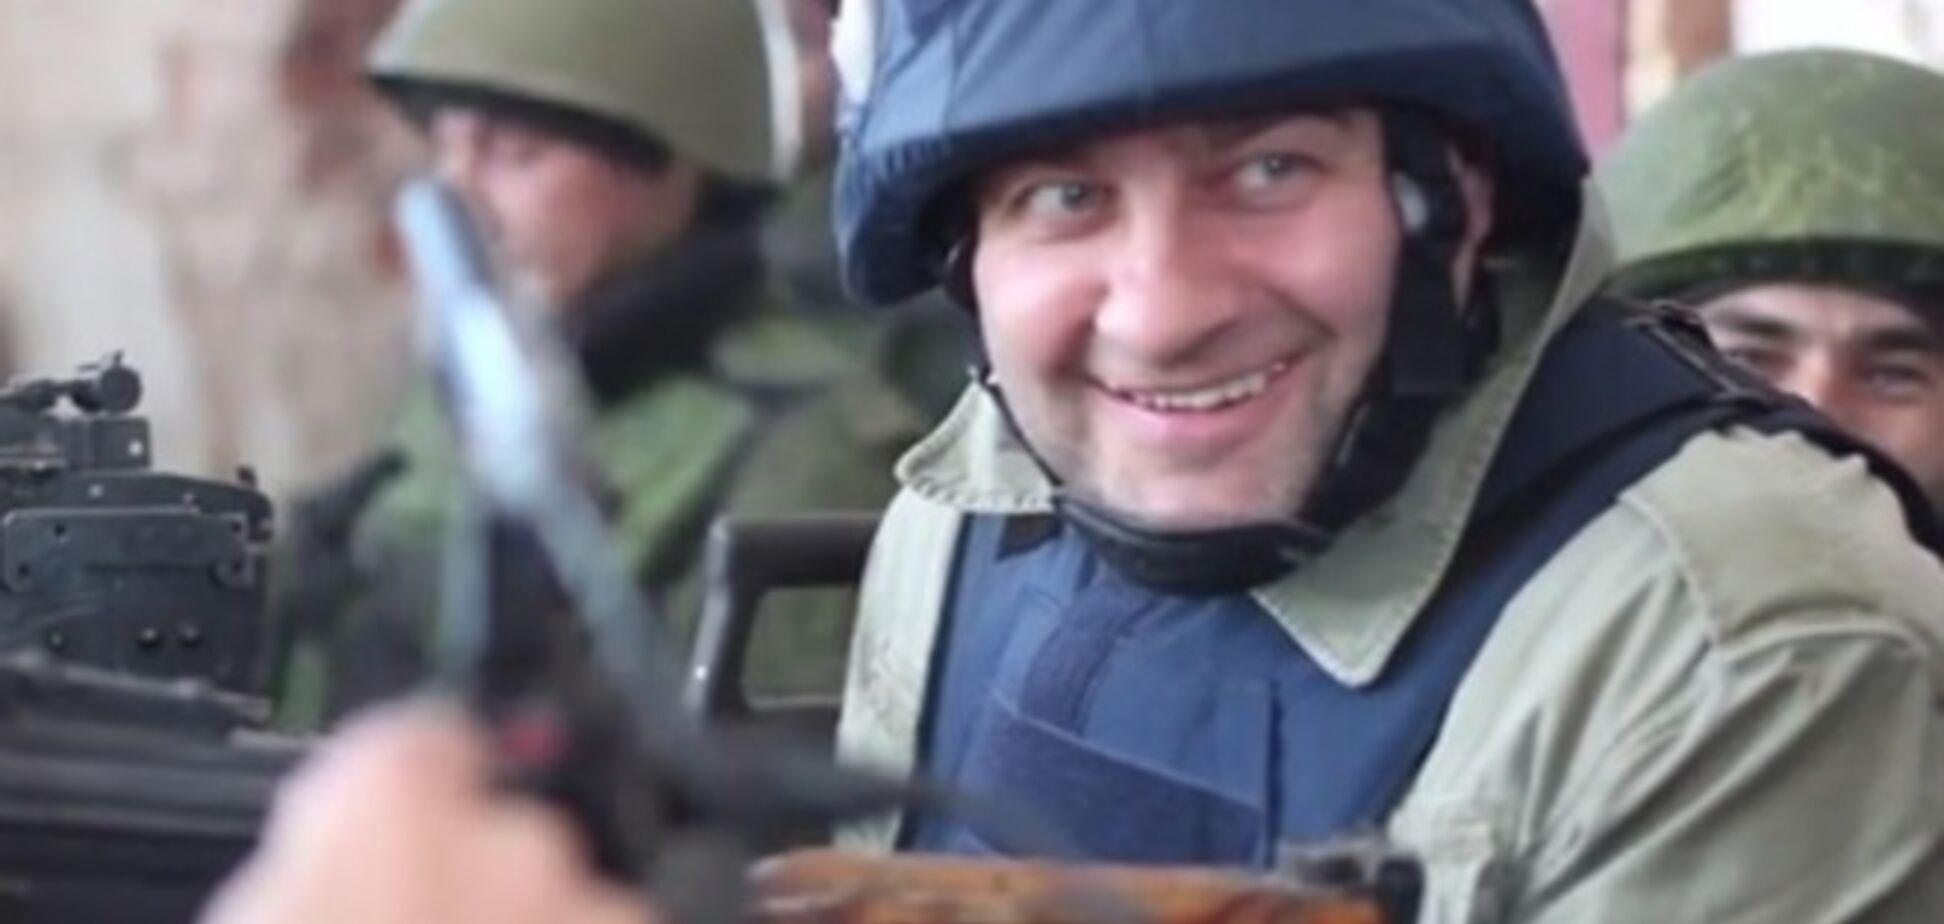 Стрельба Пореченкова в донецком аэропорту: главные подробности скандала